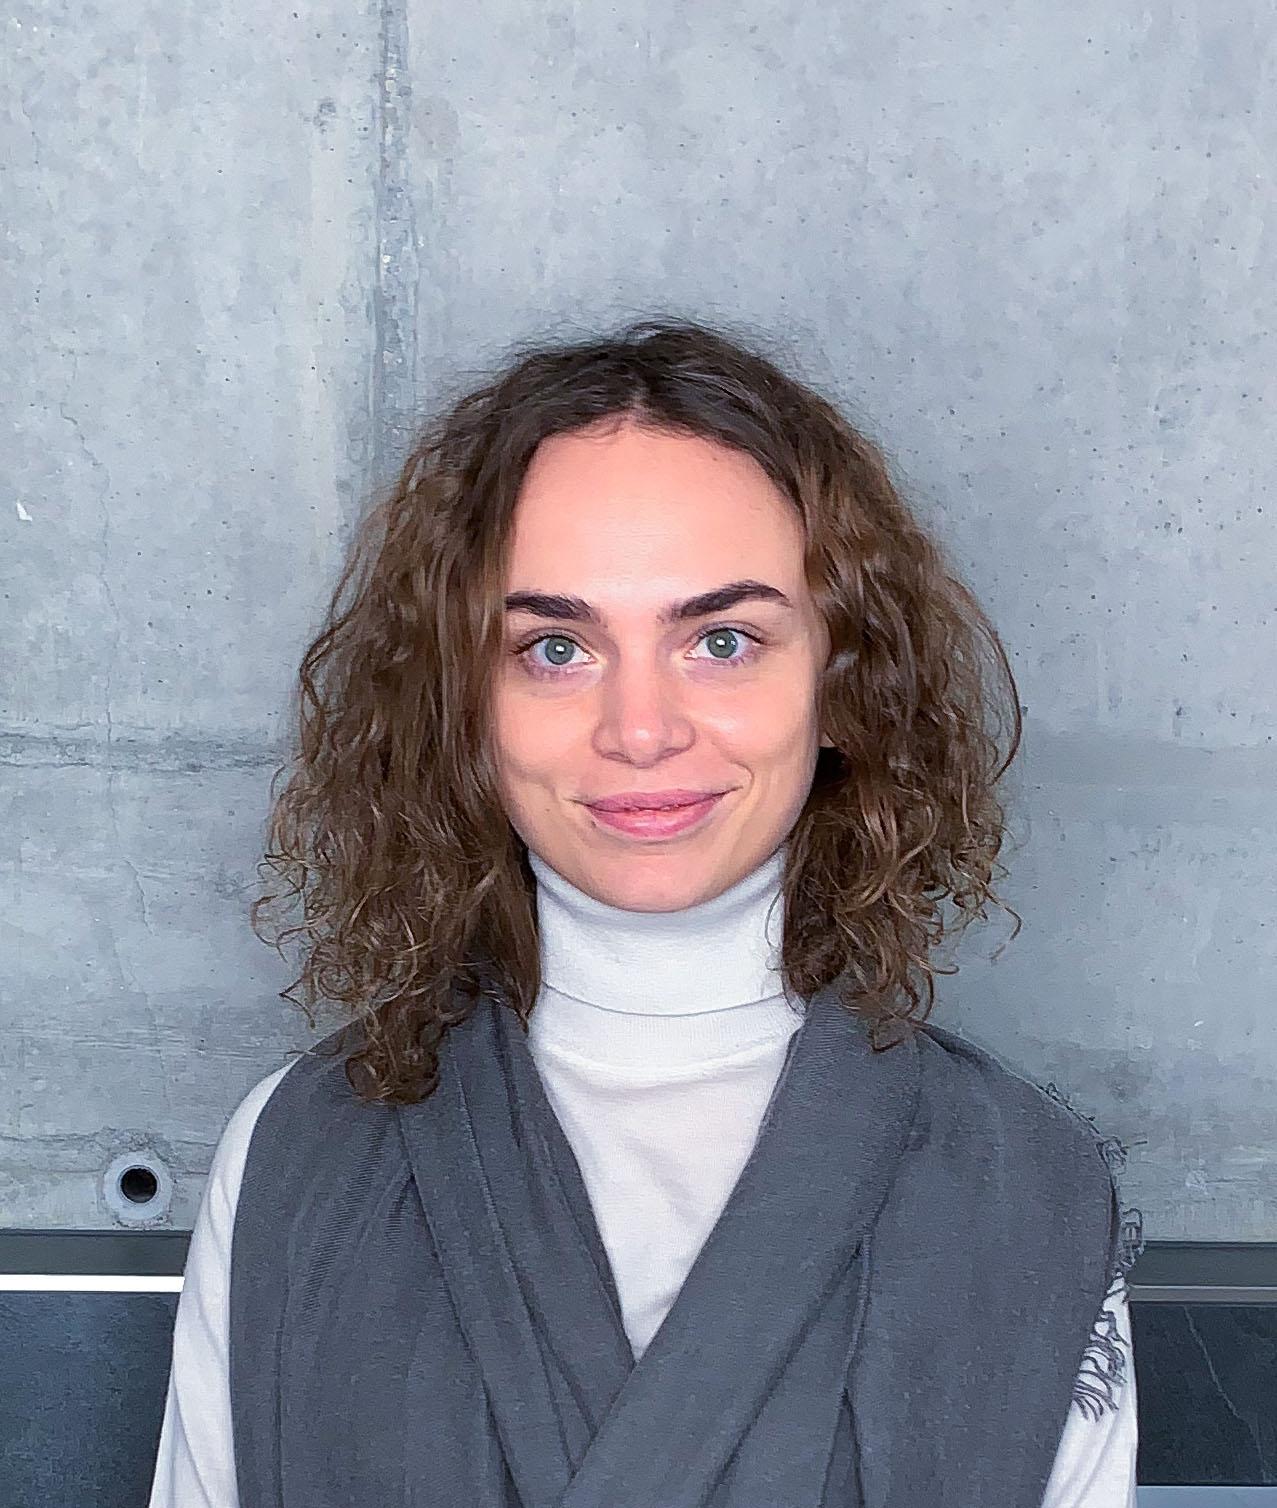 Bild eines jungen Dame mit weißem Rollkragenpullover mit welligen Haaren